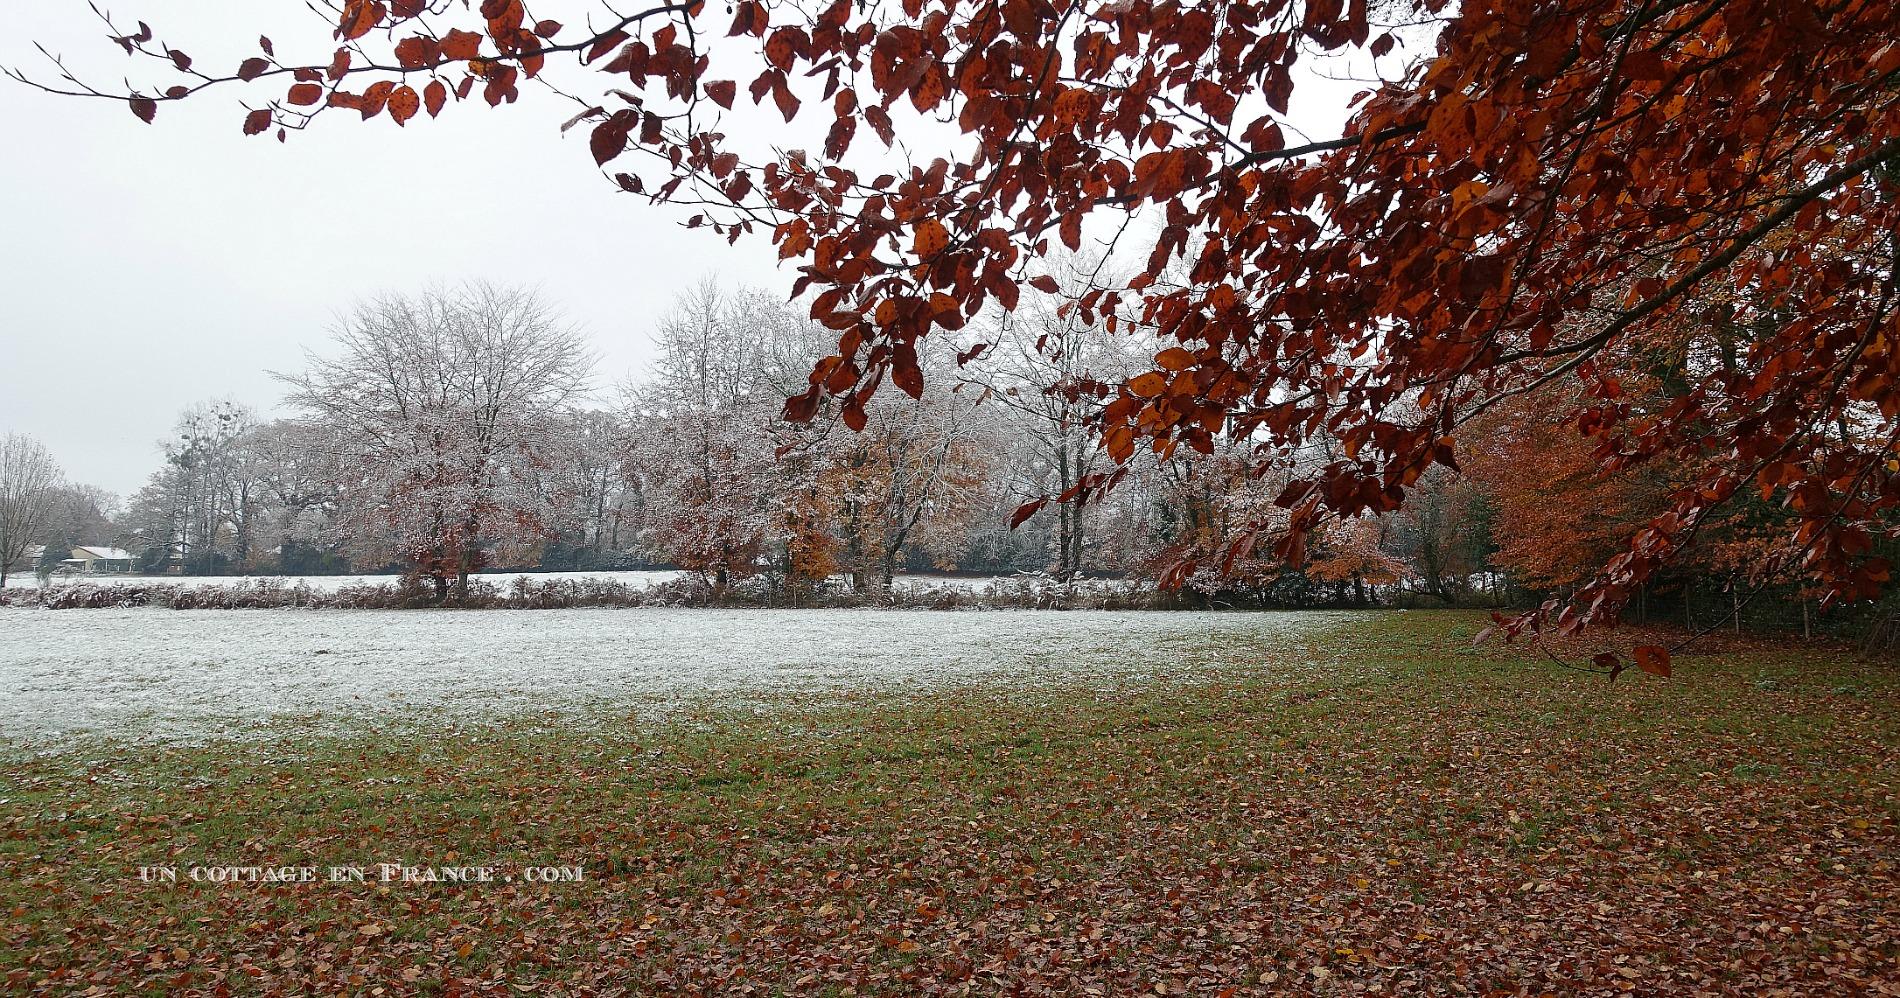 Décembre (December)